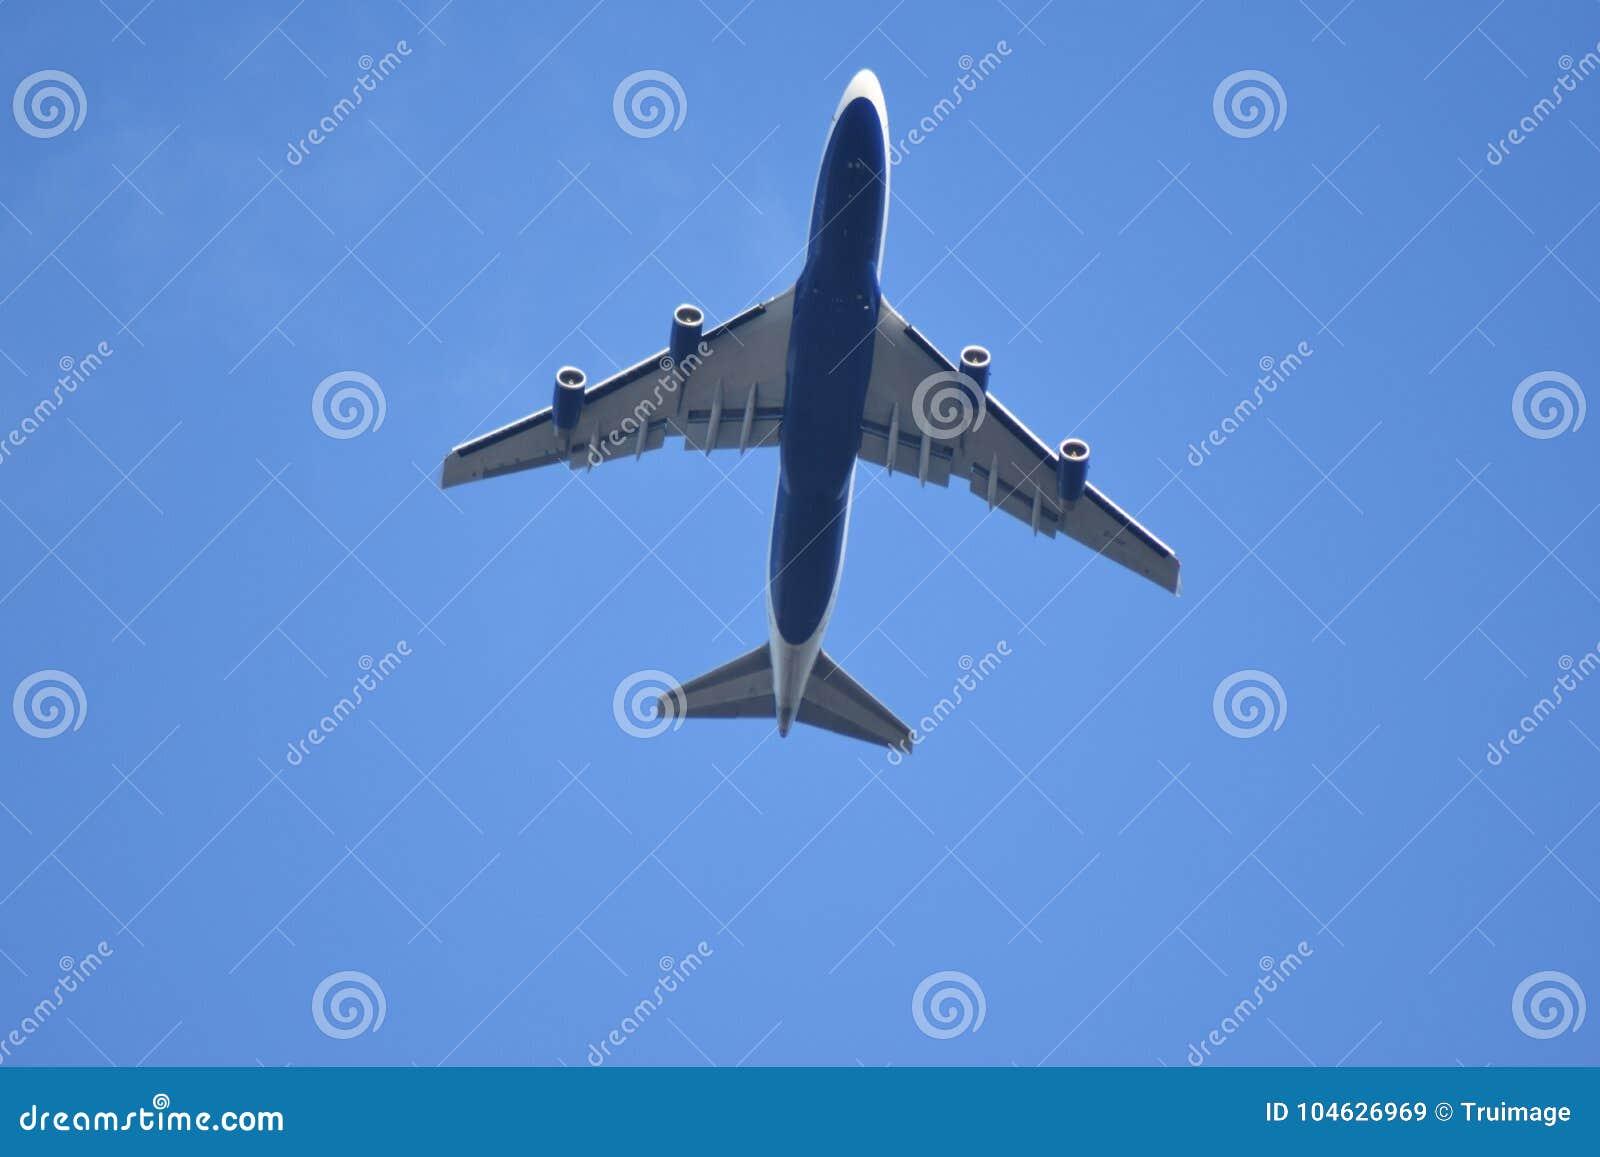 Download Vliegtuig Tijdens De Vlucht Stock Afbeelding - Afbeelding bestaande uit reis, approaching: 104626969